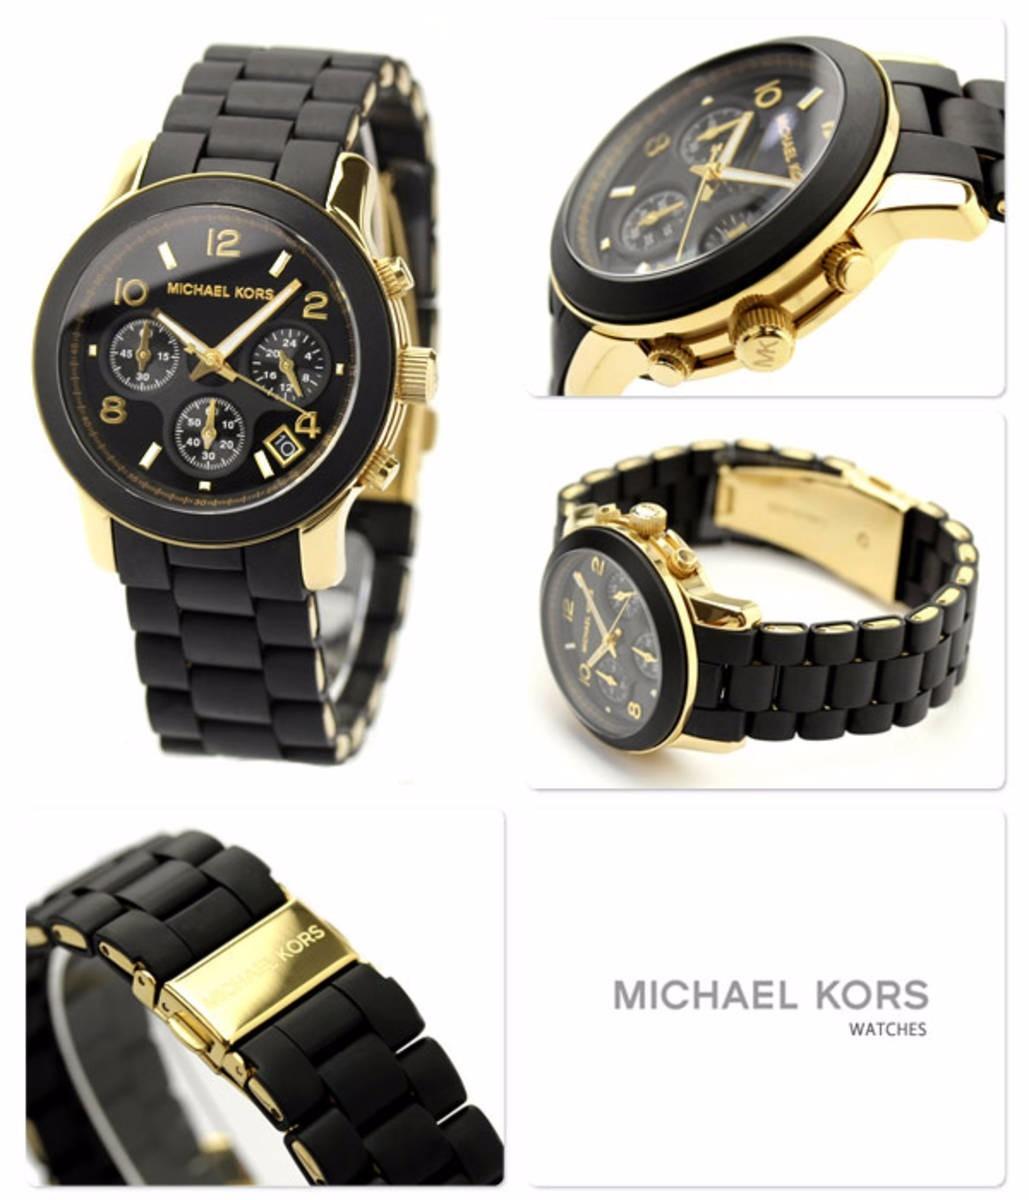 96b58434b42 Carregando zoom... michael kors relógio · relógio michael kors mk5191 preto  dourado caixa manual